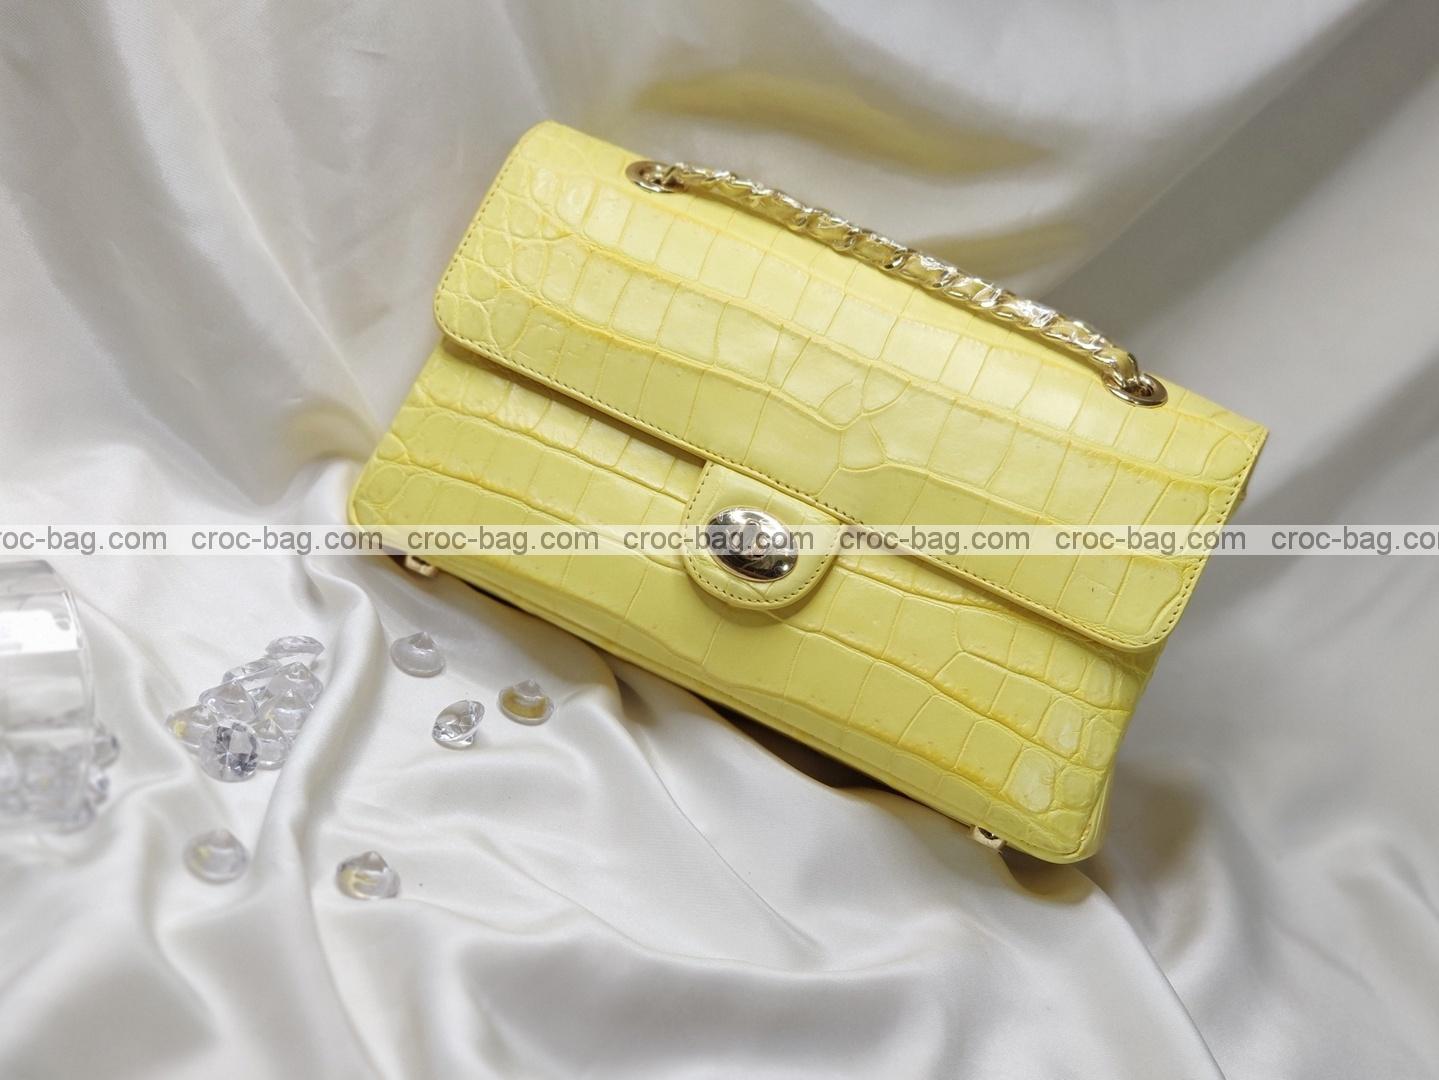 กระเป๋าหนังจระเข้สำหรับผู้หญิง 5317